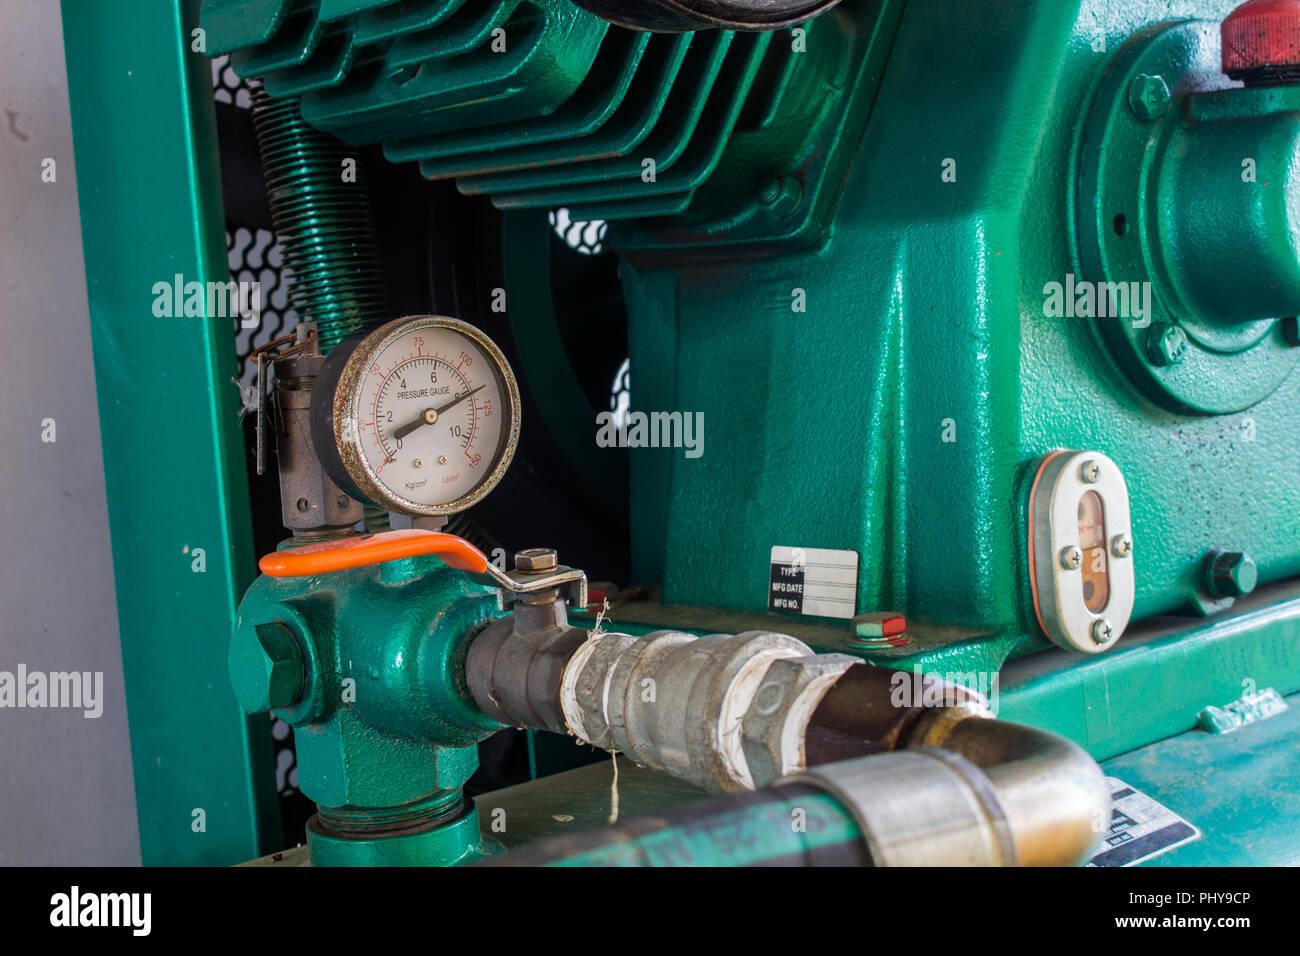 High Pressure Boiler Stock Photos & High Pressure Boiler Stock ...